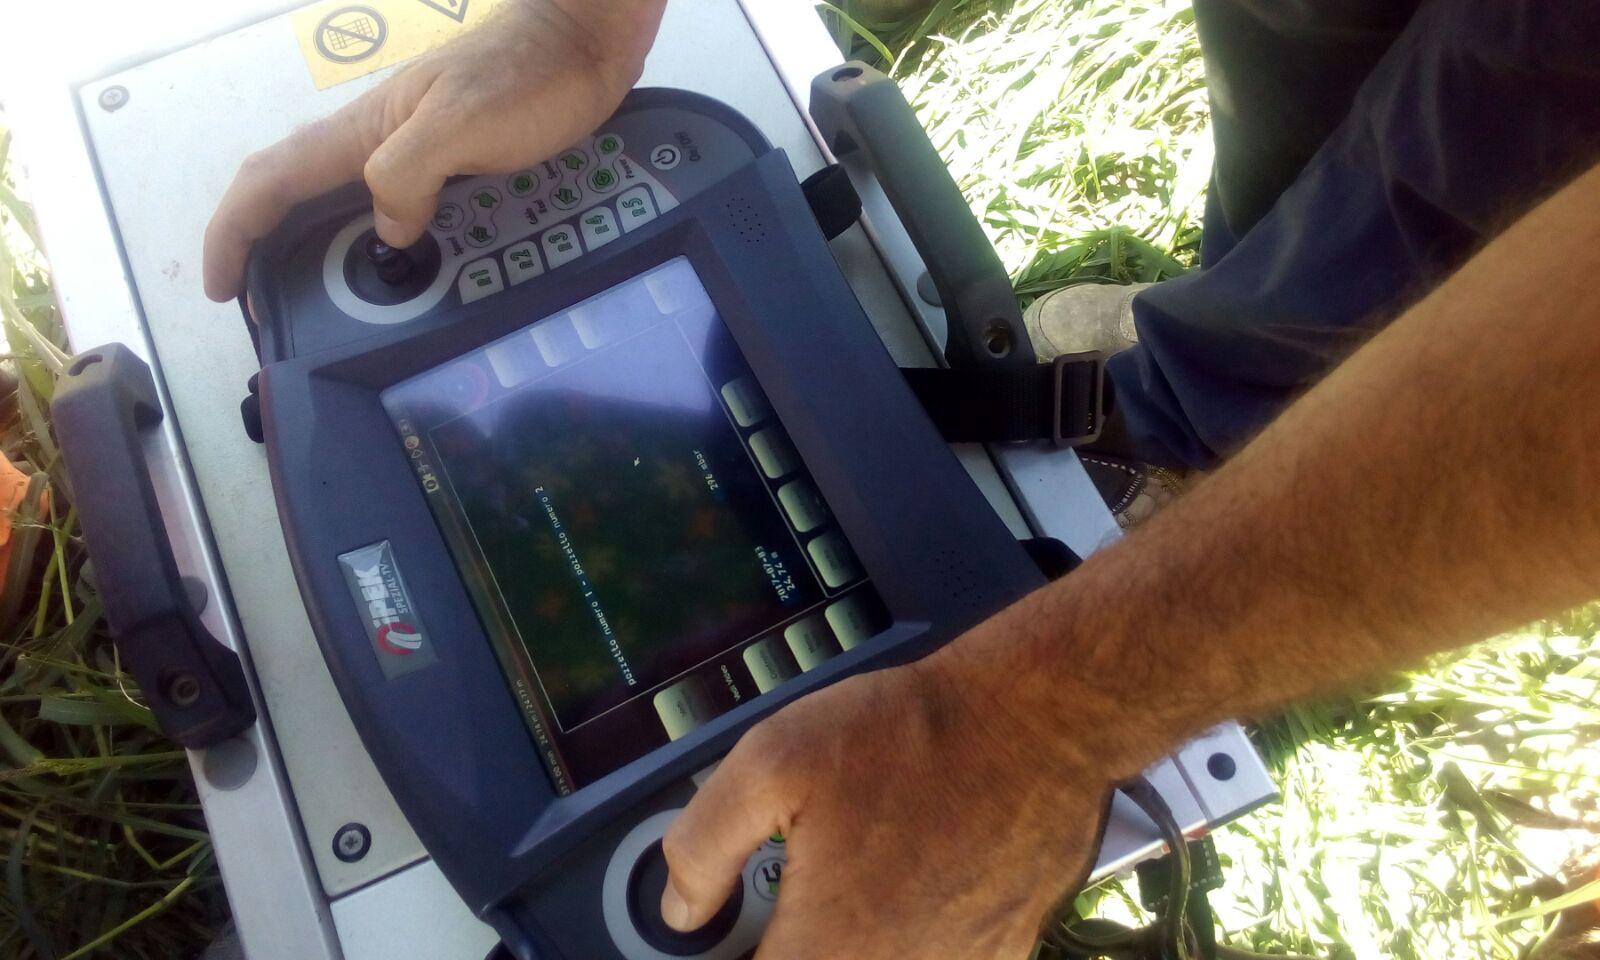 apparecchiatura elettronica per disinfestazione